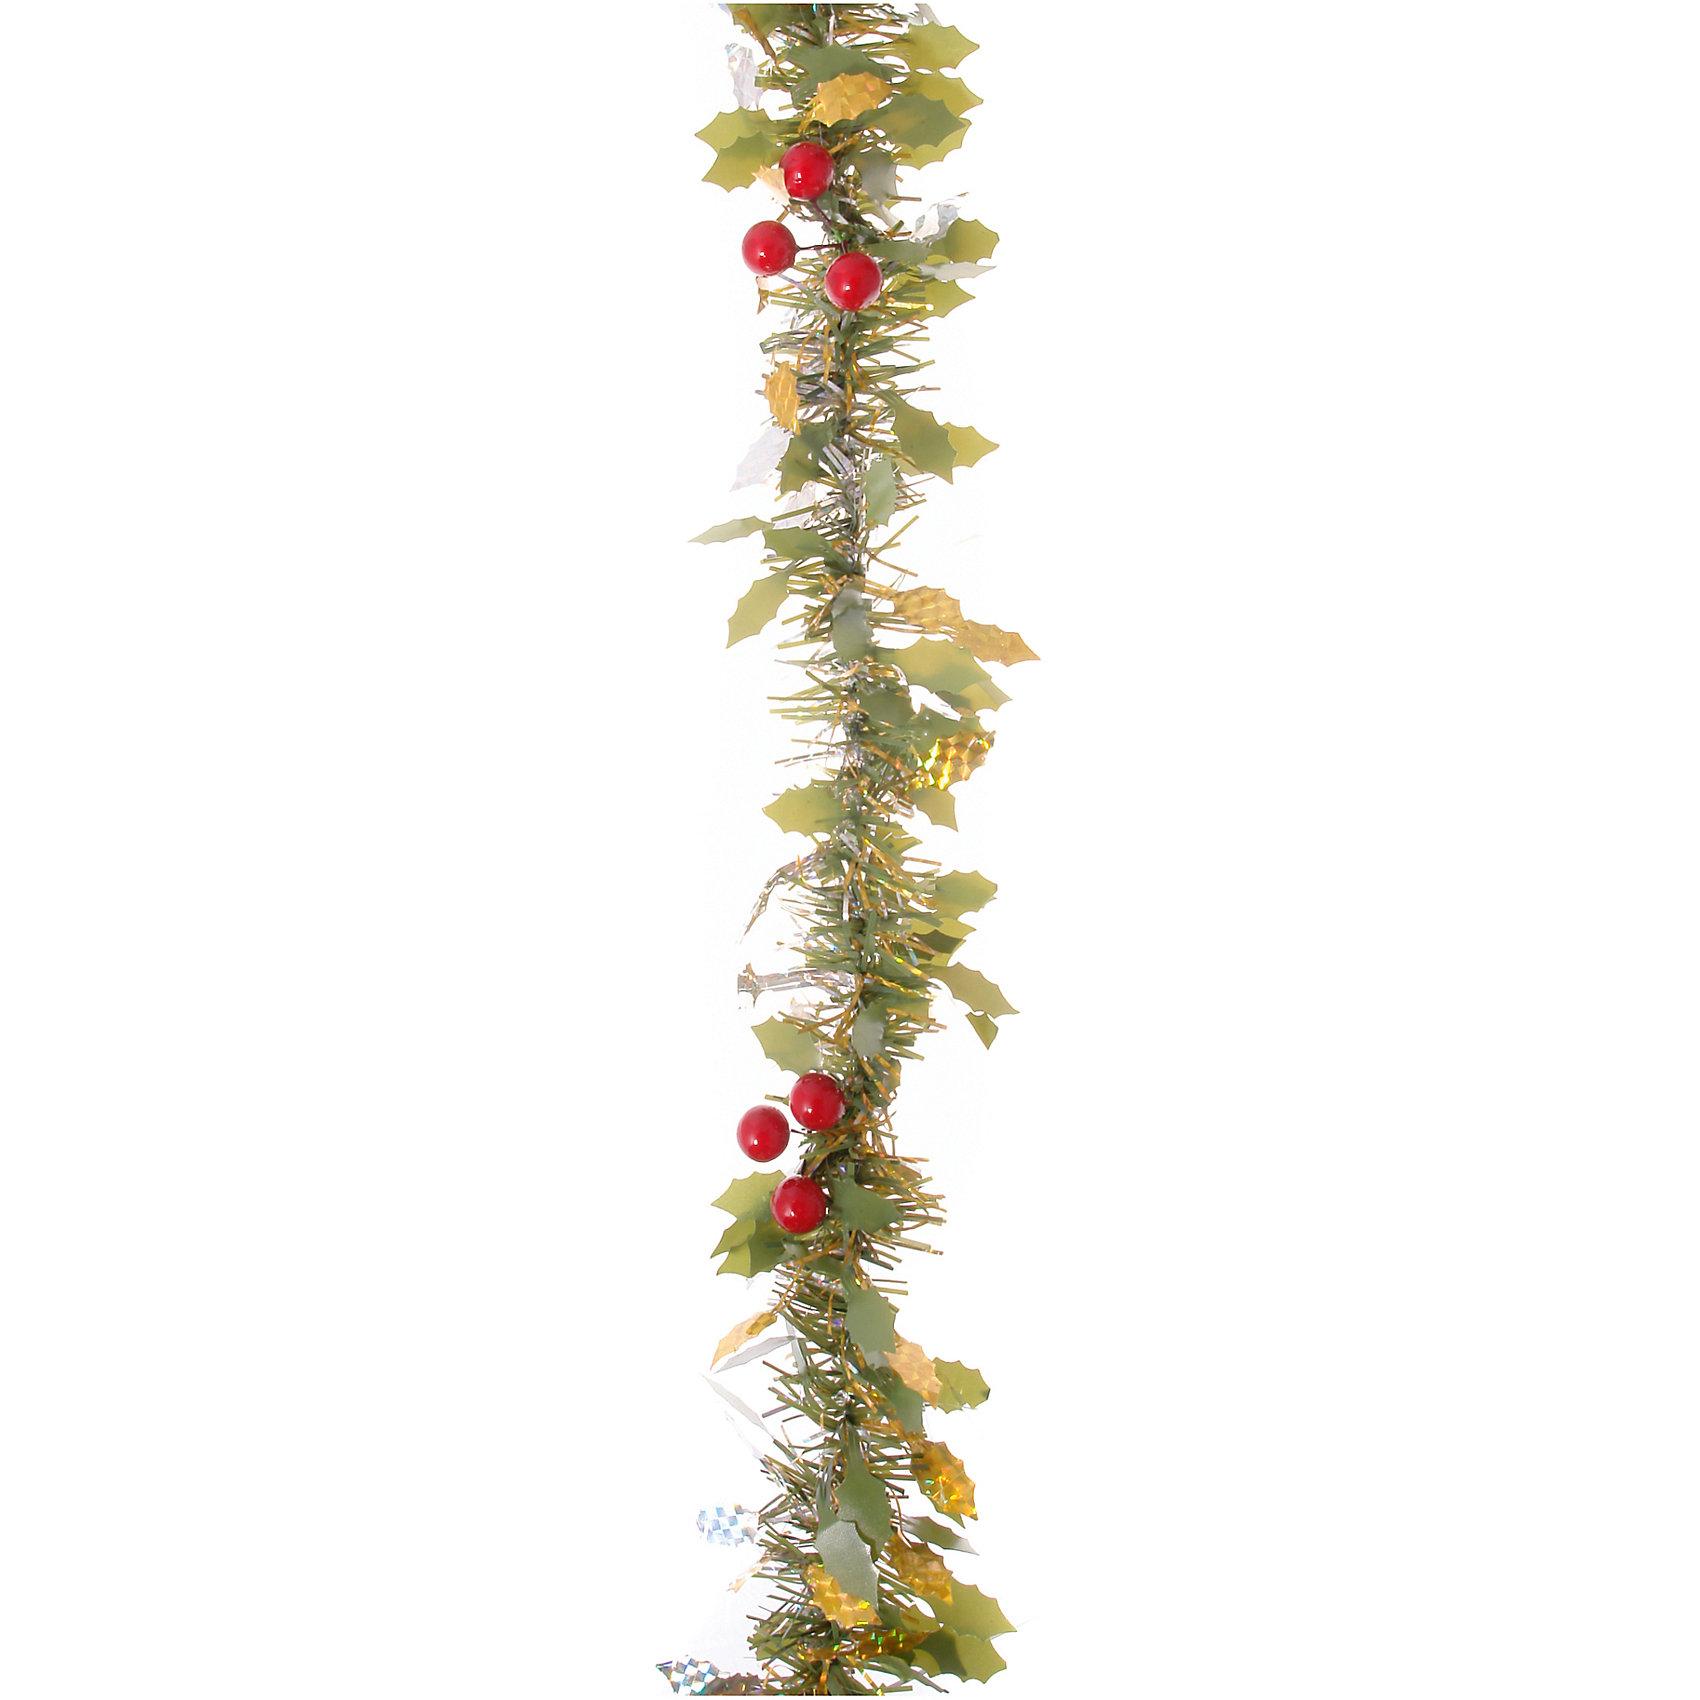 Зеленая с золотым мишура 2,7 мНовинки Новый Год<br>Зеленая с золотым мишура, Волшебная страна, станет замечательным украшением Вашей новогодней елки или интерьера и поможет создать праздничную волшебную атмосферу. Мишура состоит из четырех слоев, выполнена в красивых зеленых и золотистых цветах и декорирована листиками и ягодками. Она будет чудесно смотреться на елке и радовать детей и взрослых. <br><br>Дополнительная информация:<br><br>- Цвет: зеленый+золото.<br>- Материал: лавсан.<br>- Размер мишуры: 10 см. х 2,7 м.<br>- Вес: 93 гр. <br><br>Зеленую с золотым мишуру, Волшебная страна, можно купить в нашем интернет-магазине.<br><br>Ширина мм: 2700<br>Глубина мм: 100<br>Высота мм: 100<br>Вес г: 82<br>Возраст от месяцев: 36<br>Возраст до месяцев: 2147483647<br>Пол: Унисекс<br>Возраст: Детский<br>SKU: 4288631